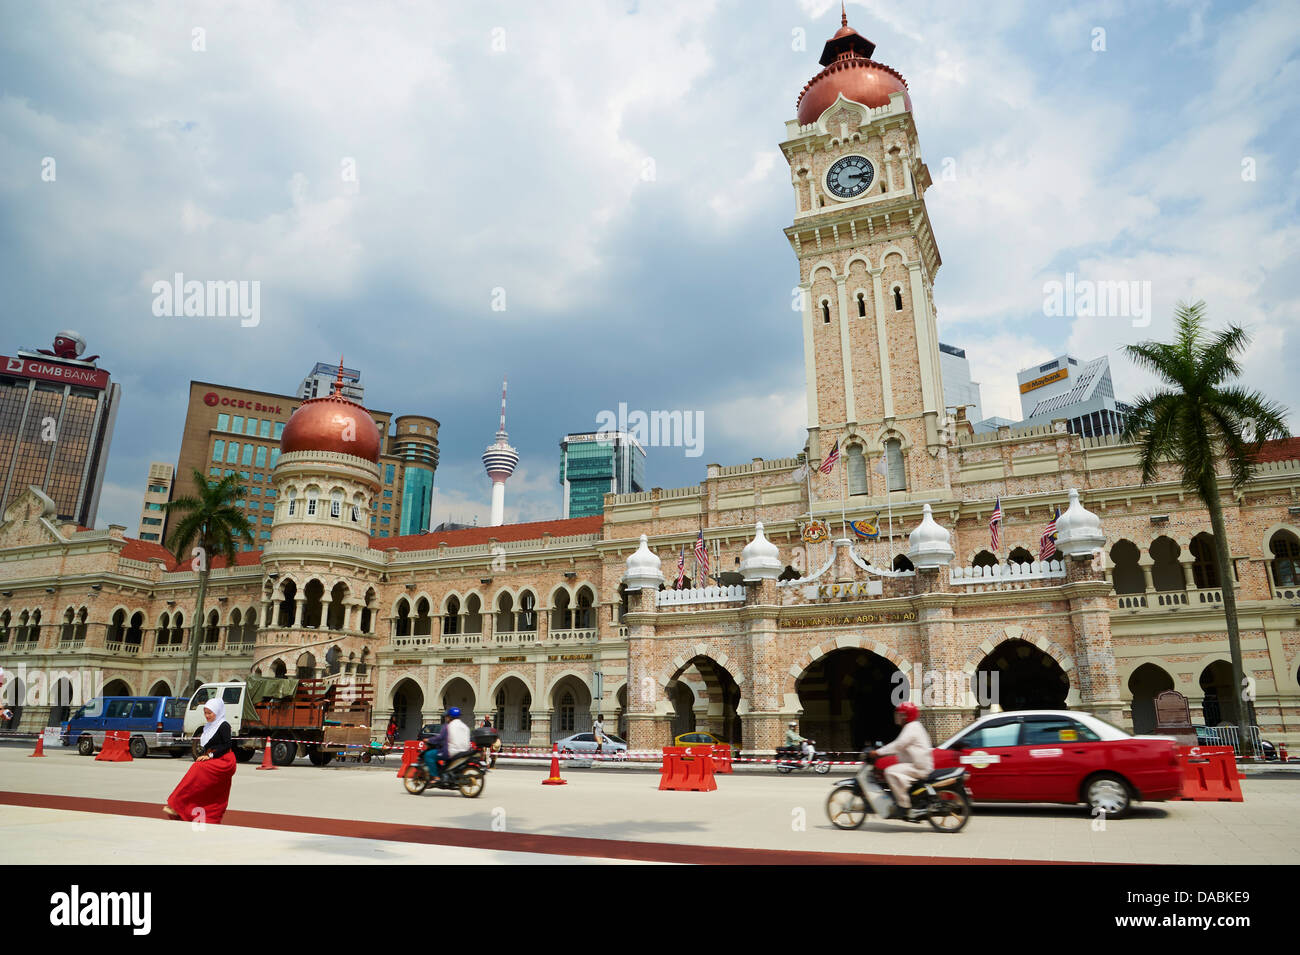 Sultan Abdul Samed Building, Kuala Lumpur, Malaysia, Southeast Asia, Asia - Stock Image